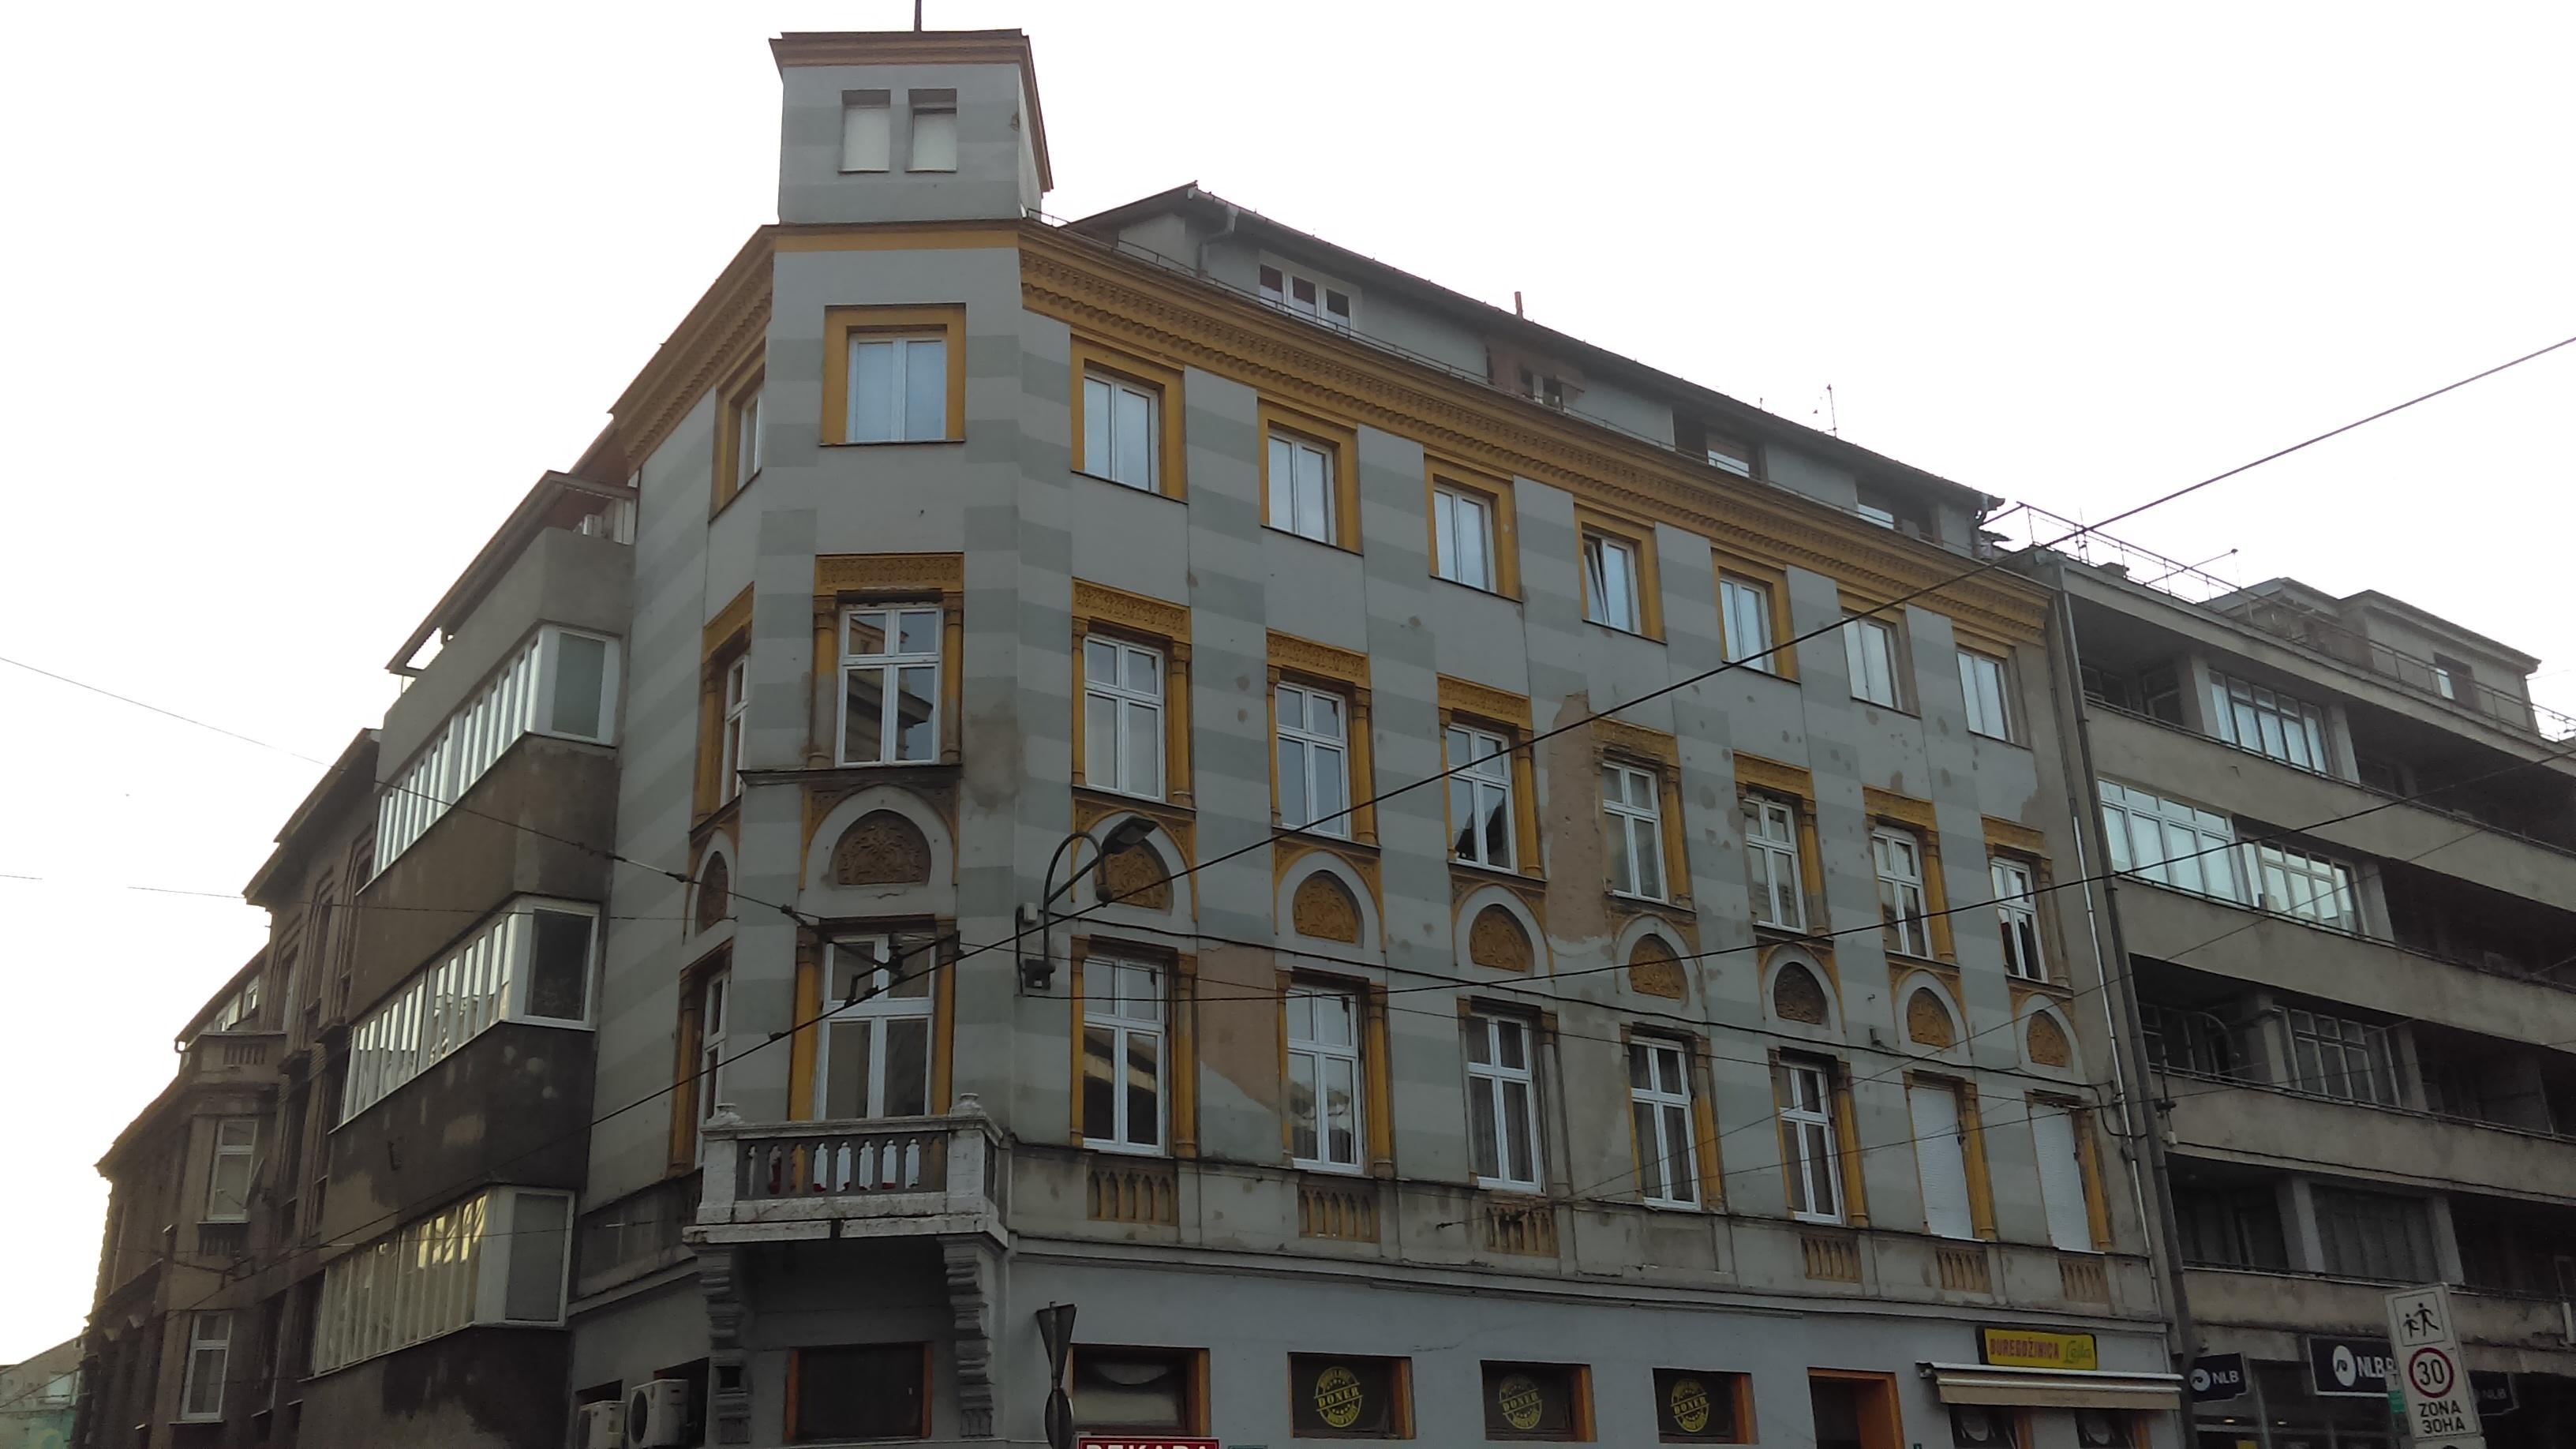 Az 1898-ban épült Đenetić lakóépülete nevét a tulajdonosáról, egy tehetős kereskedőcsaládról kapta.